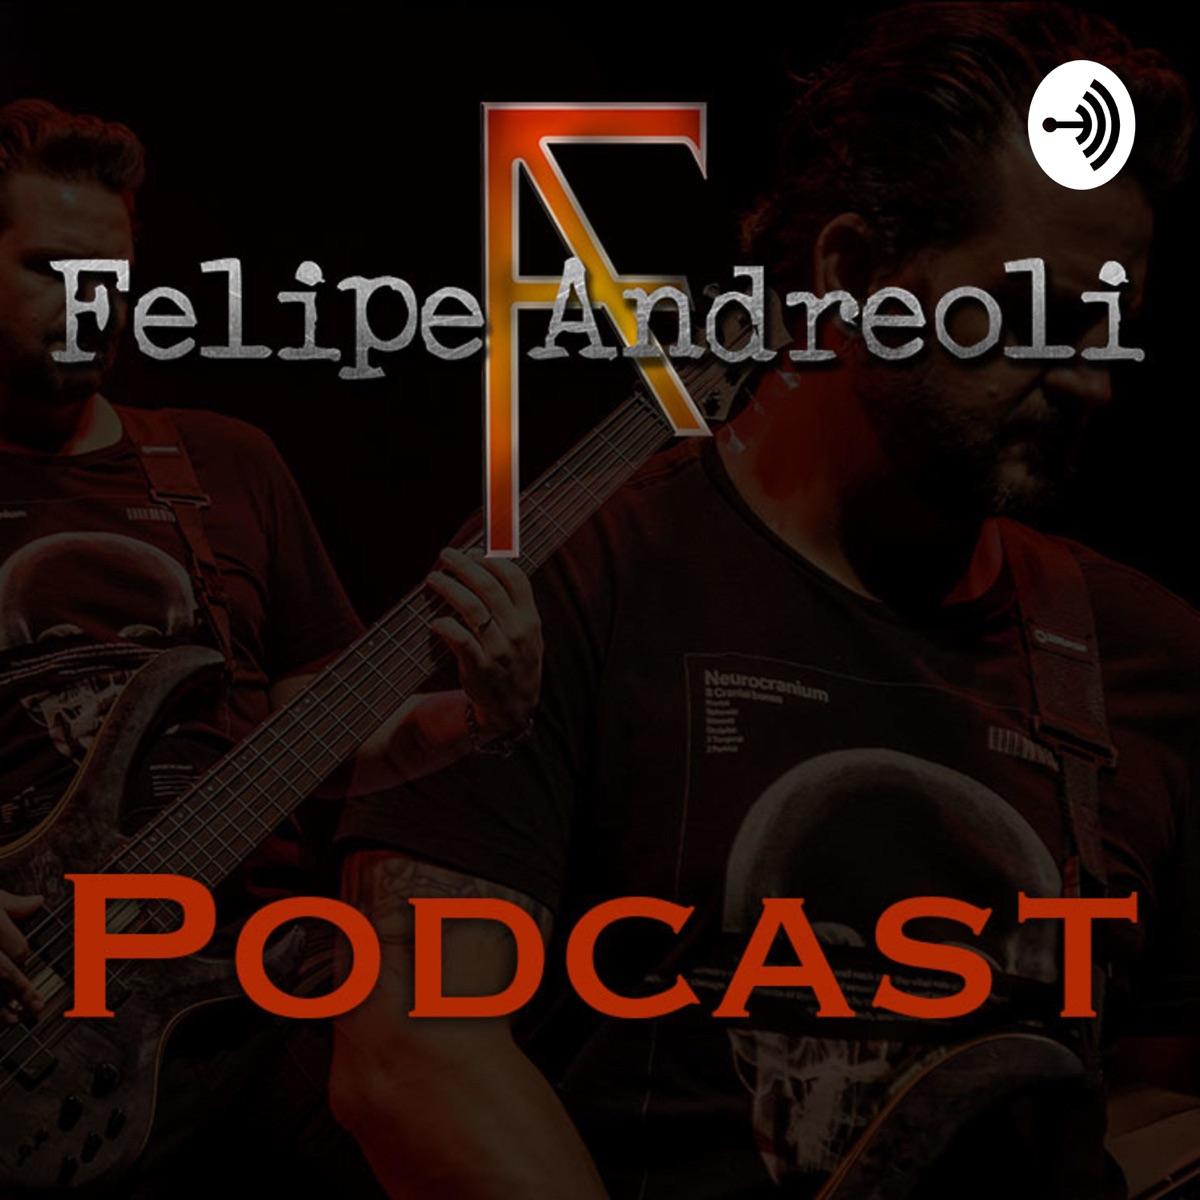 Felipe Andreoli's Podcast